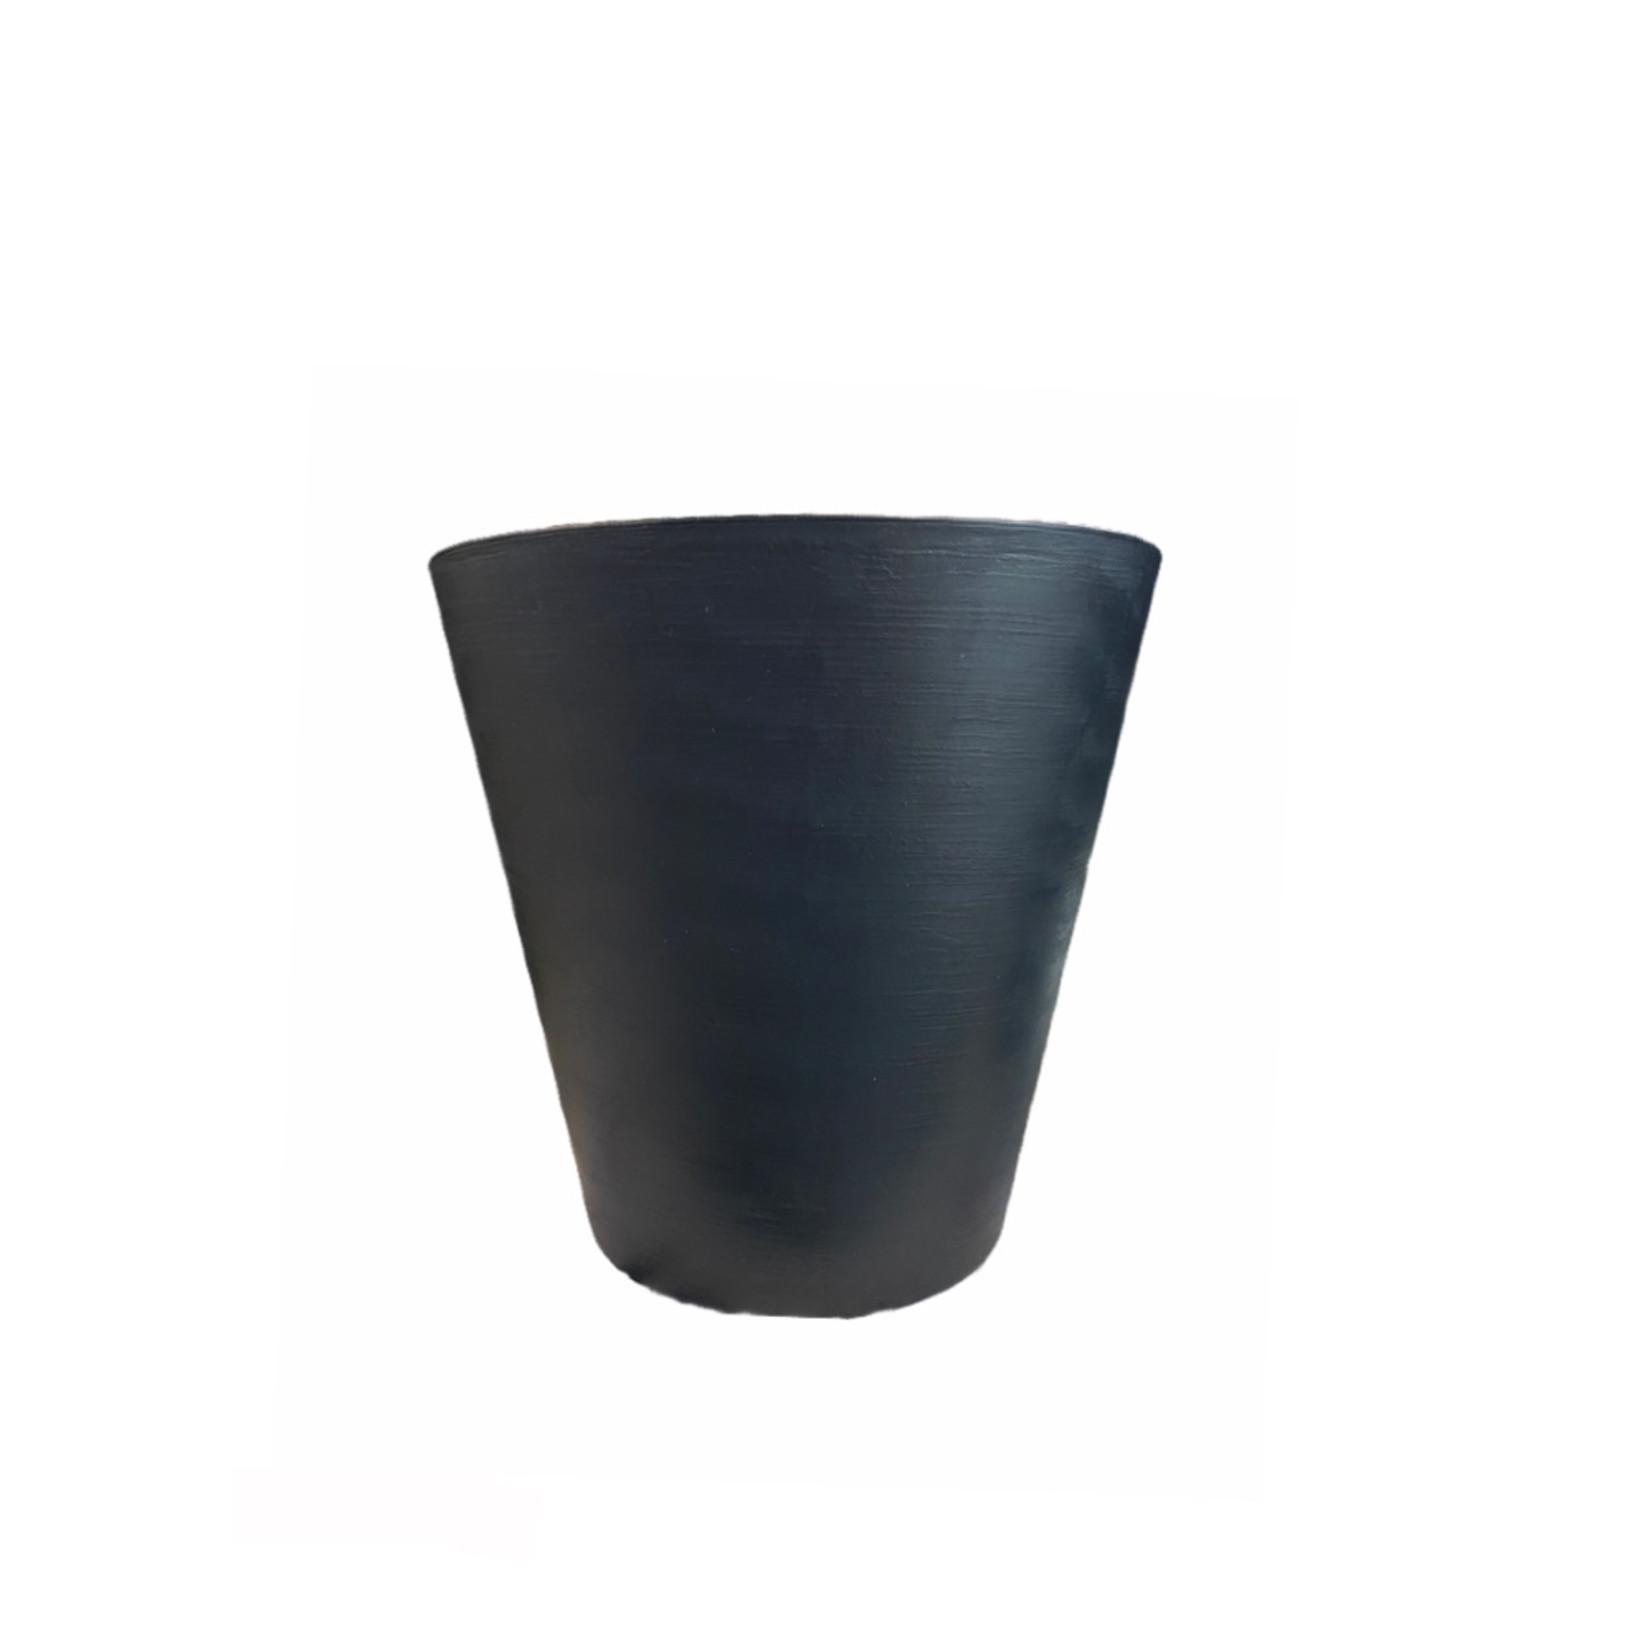 Teraplast Repot Hoop Noir 25cm